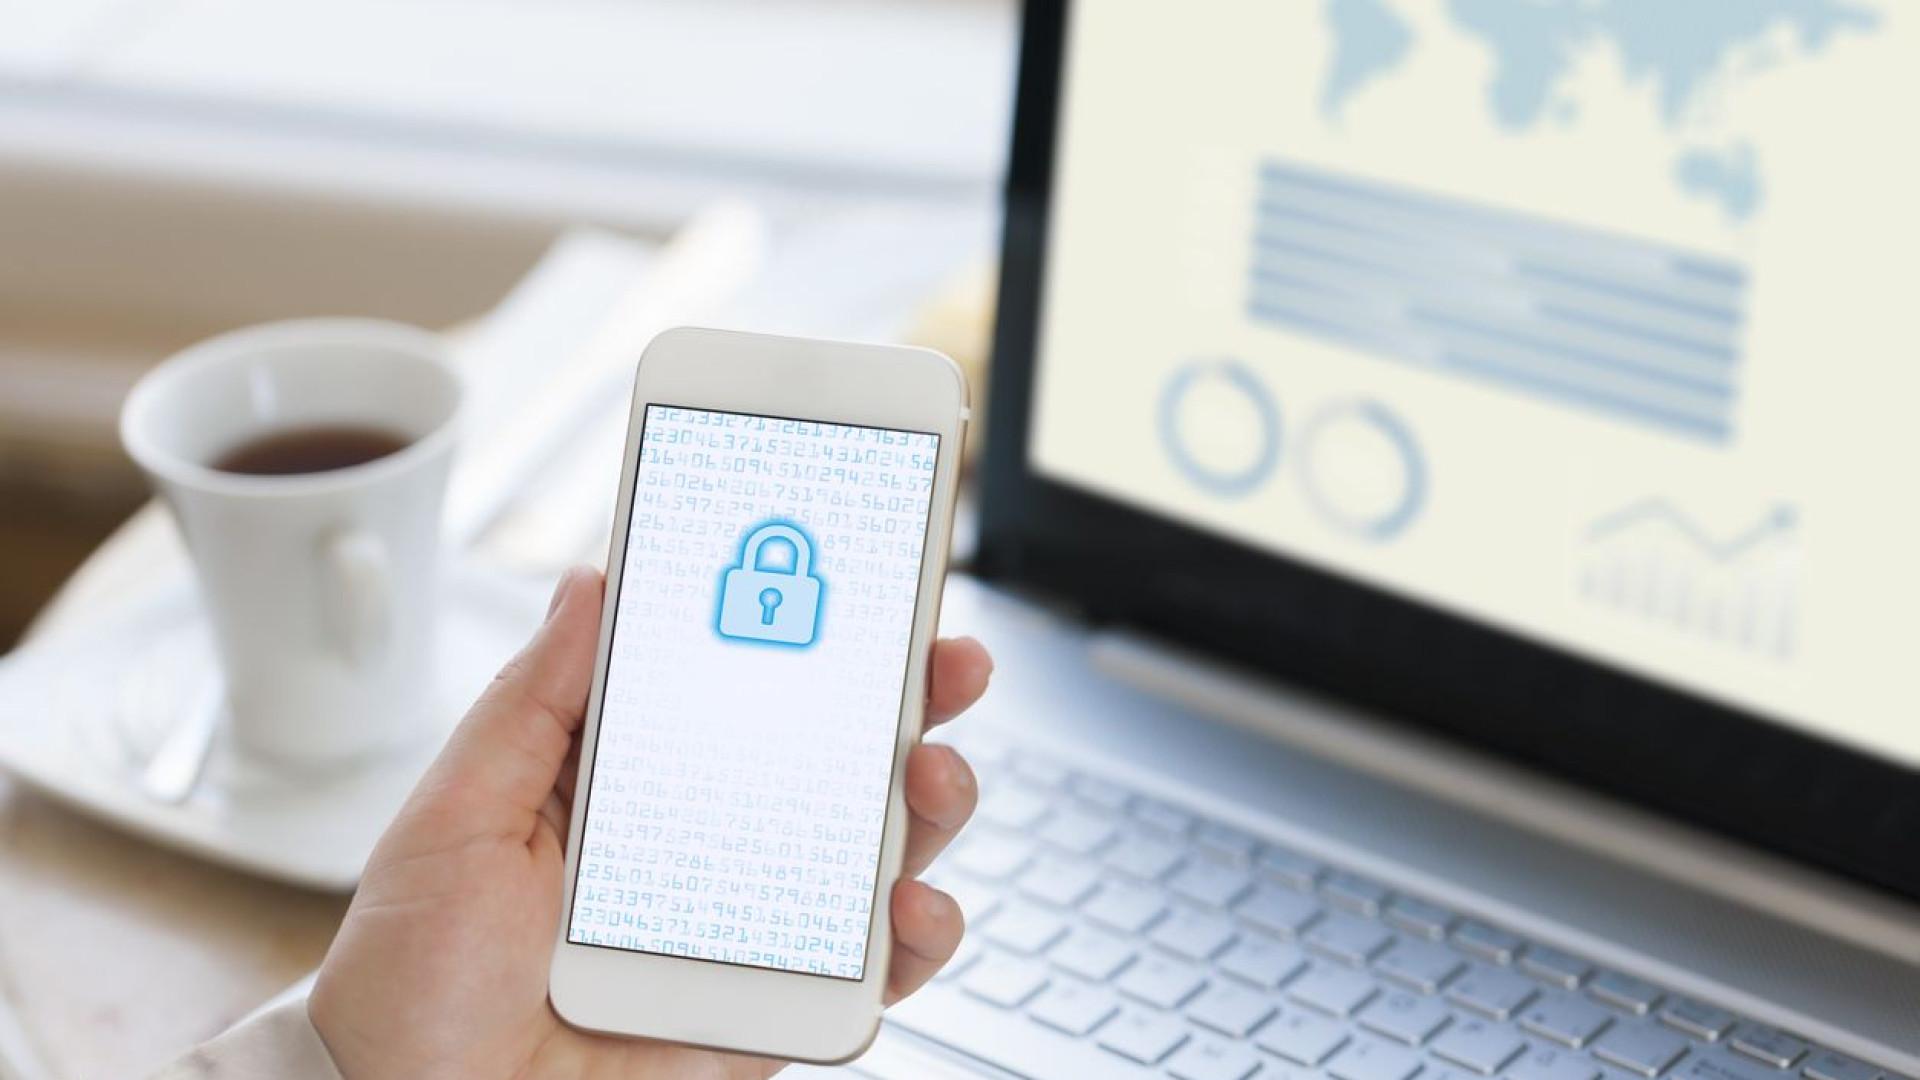 Lei da proteção de dados também protege terroristas